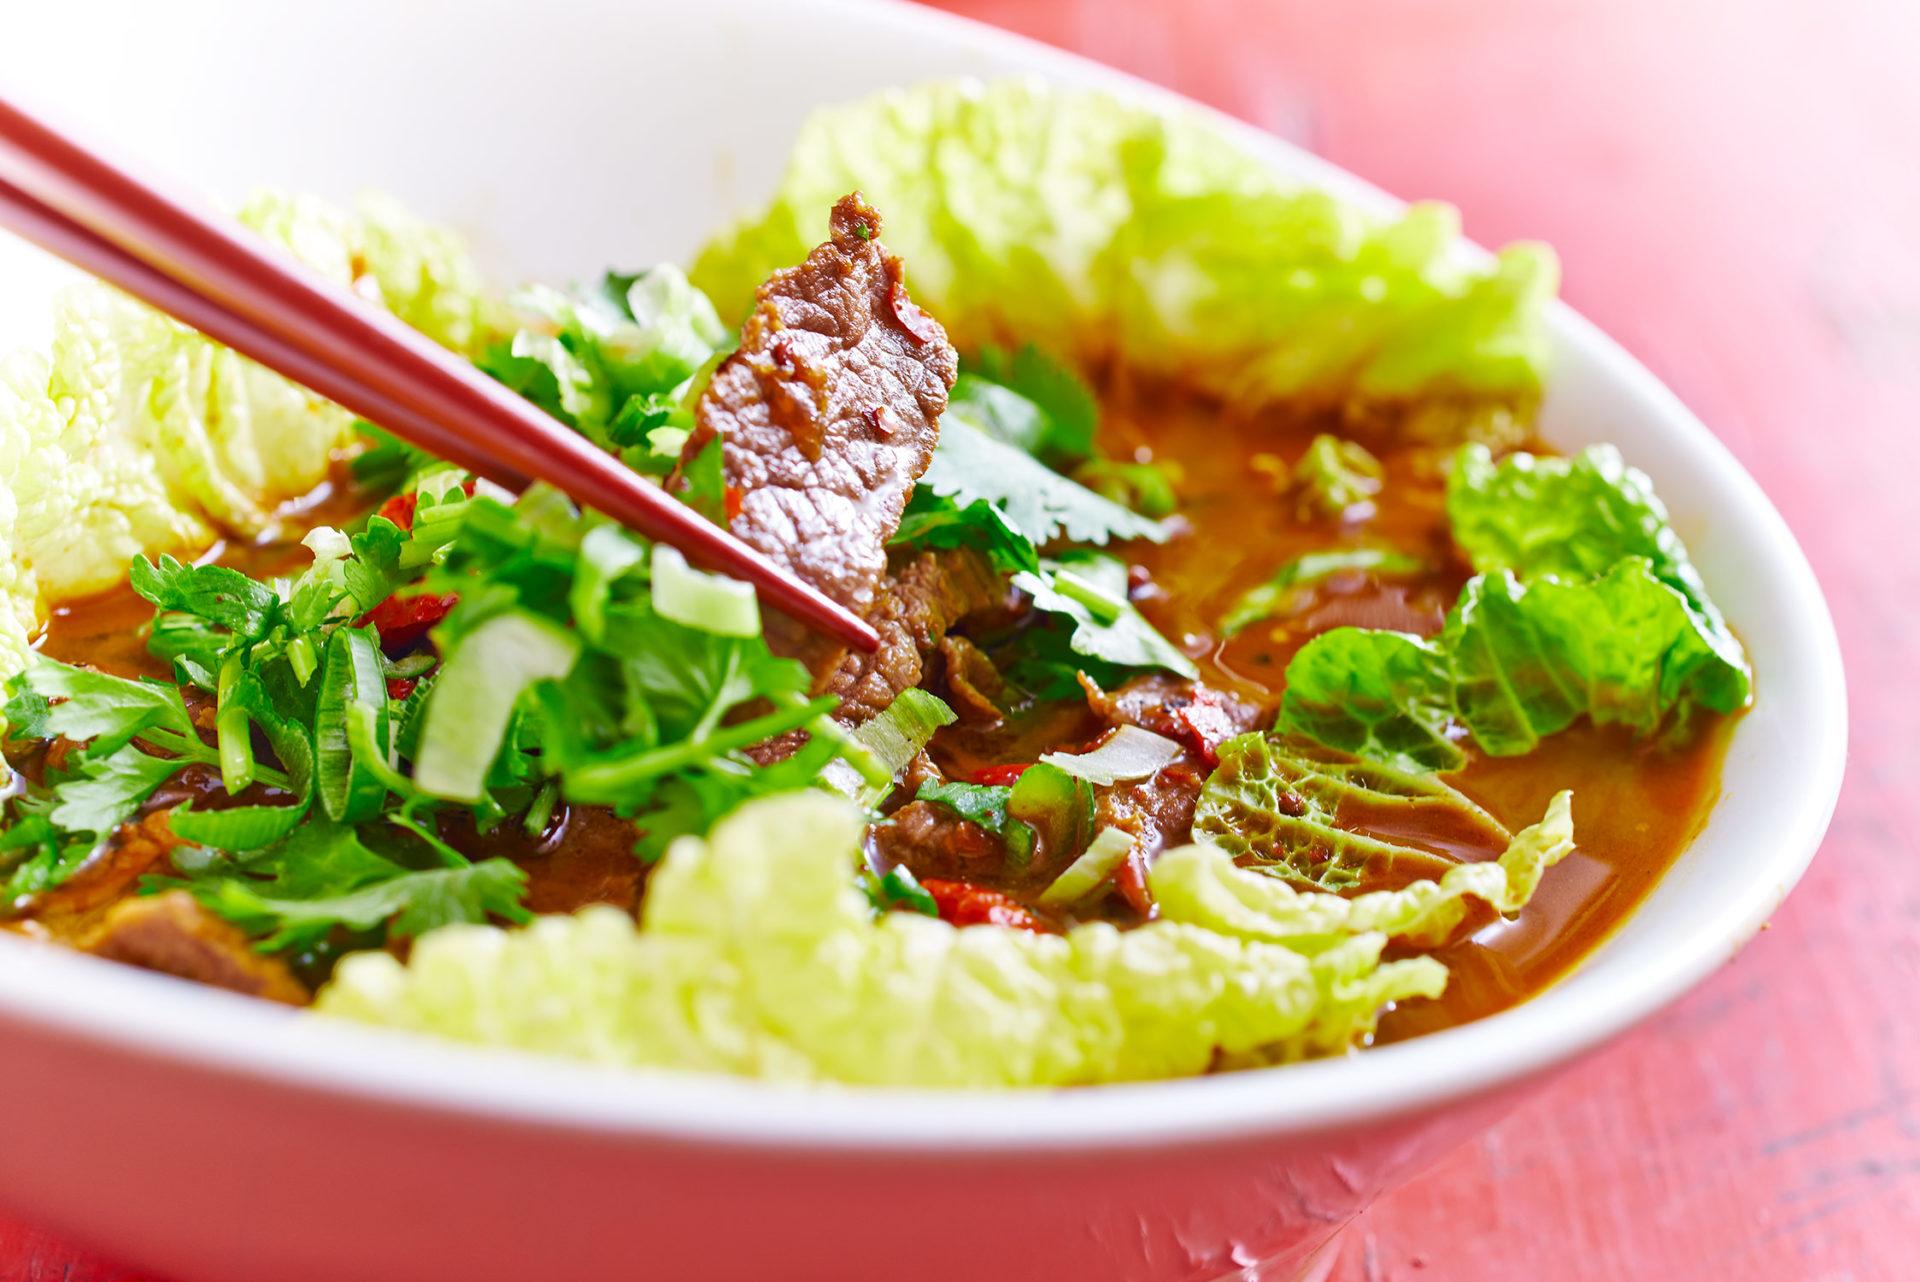 Rindfleisch nach Bauernart mit Gemüse und Knoblauch in scharfer Suppe